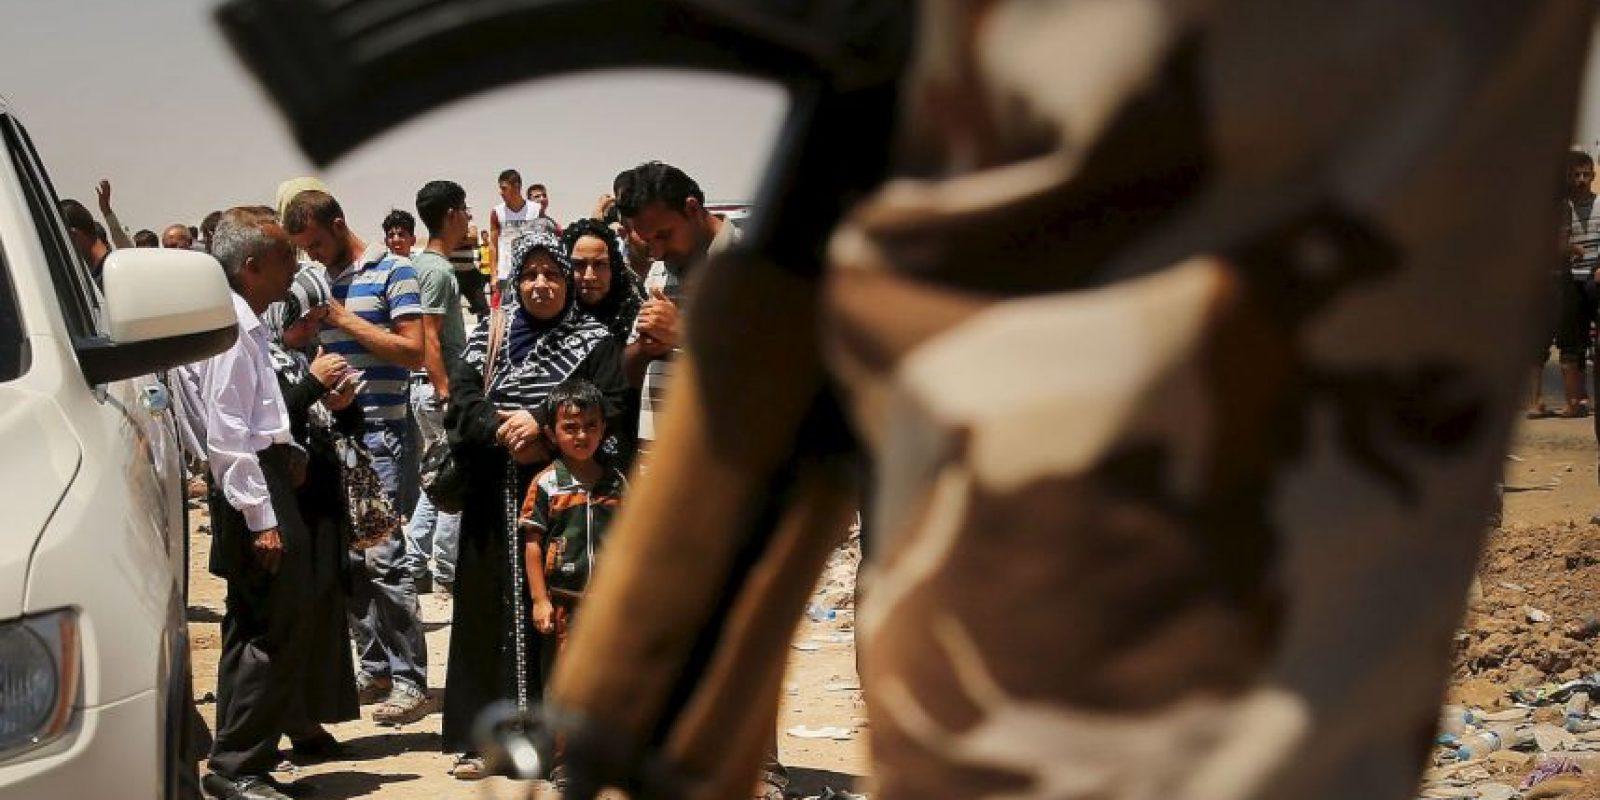 El mencionado medio británico detalló que el Estado Islámico ha contactado a traficantes de inmigrantes en el Mediterráneo para pasar a sus militantes a oeste. Foto:Getty Images